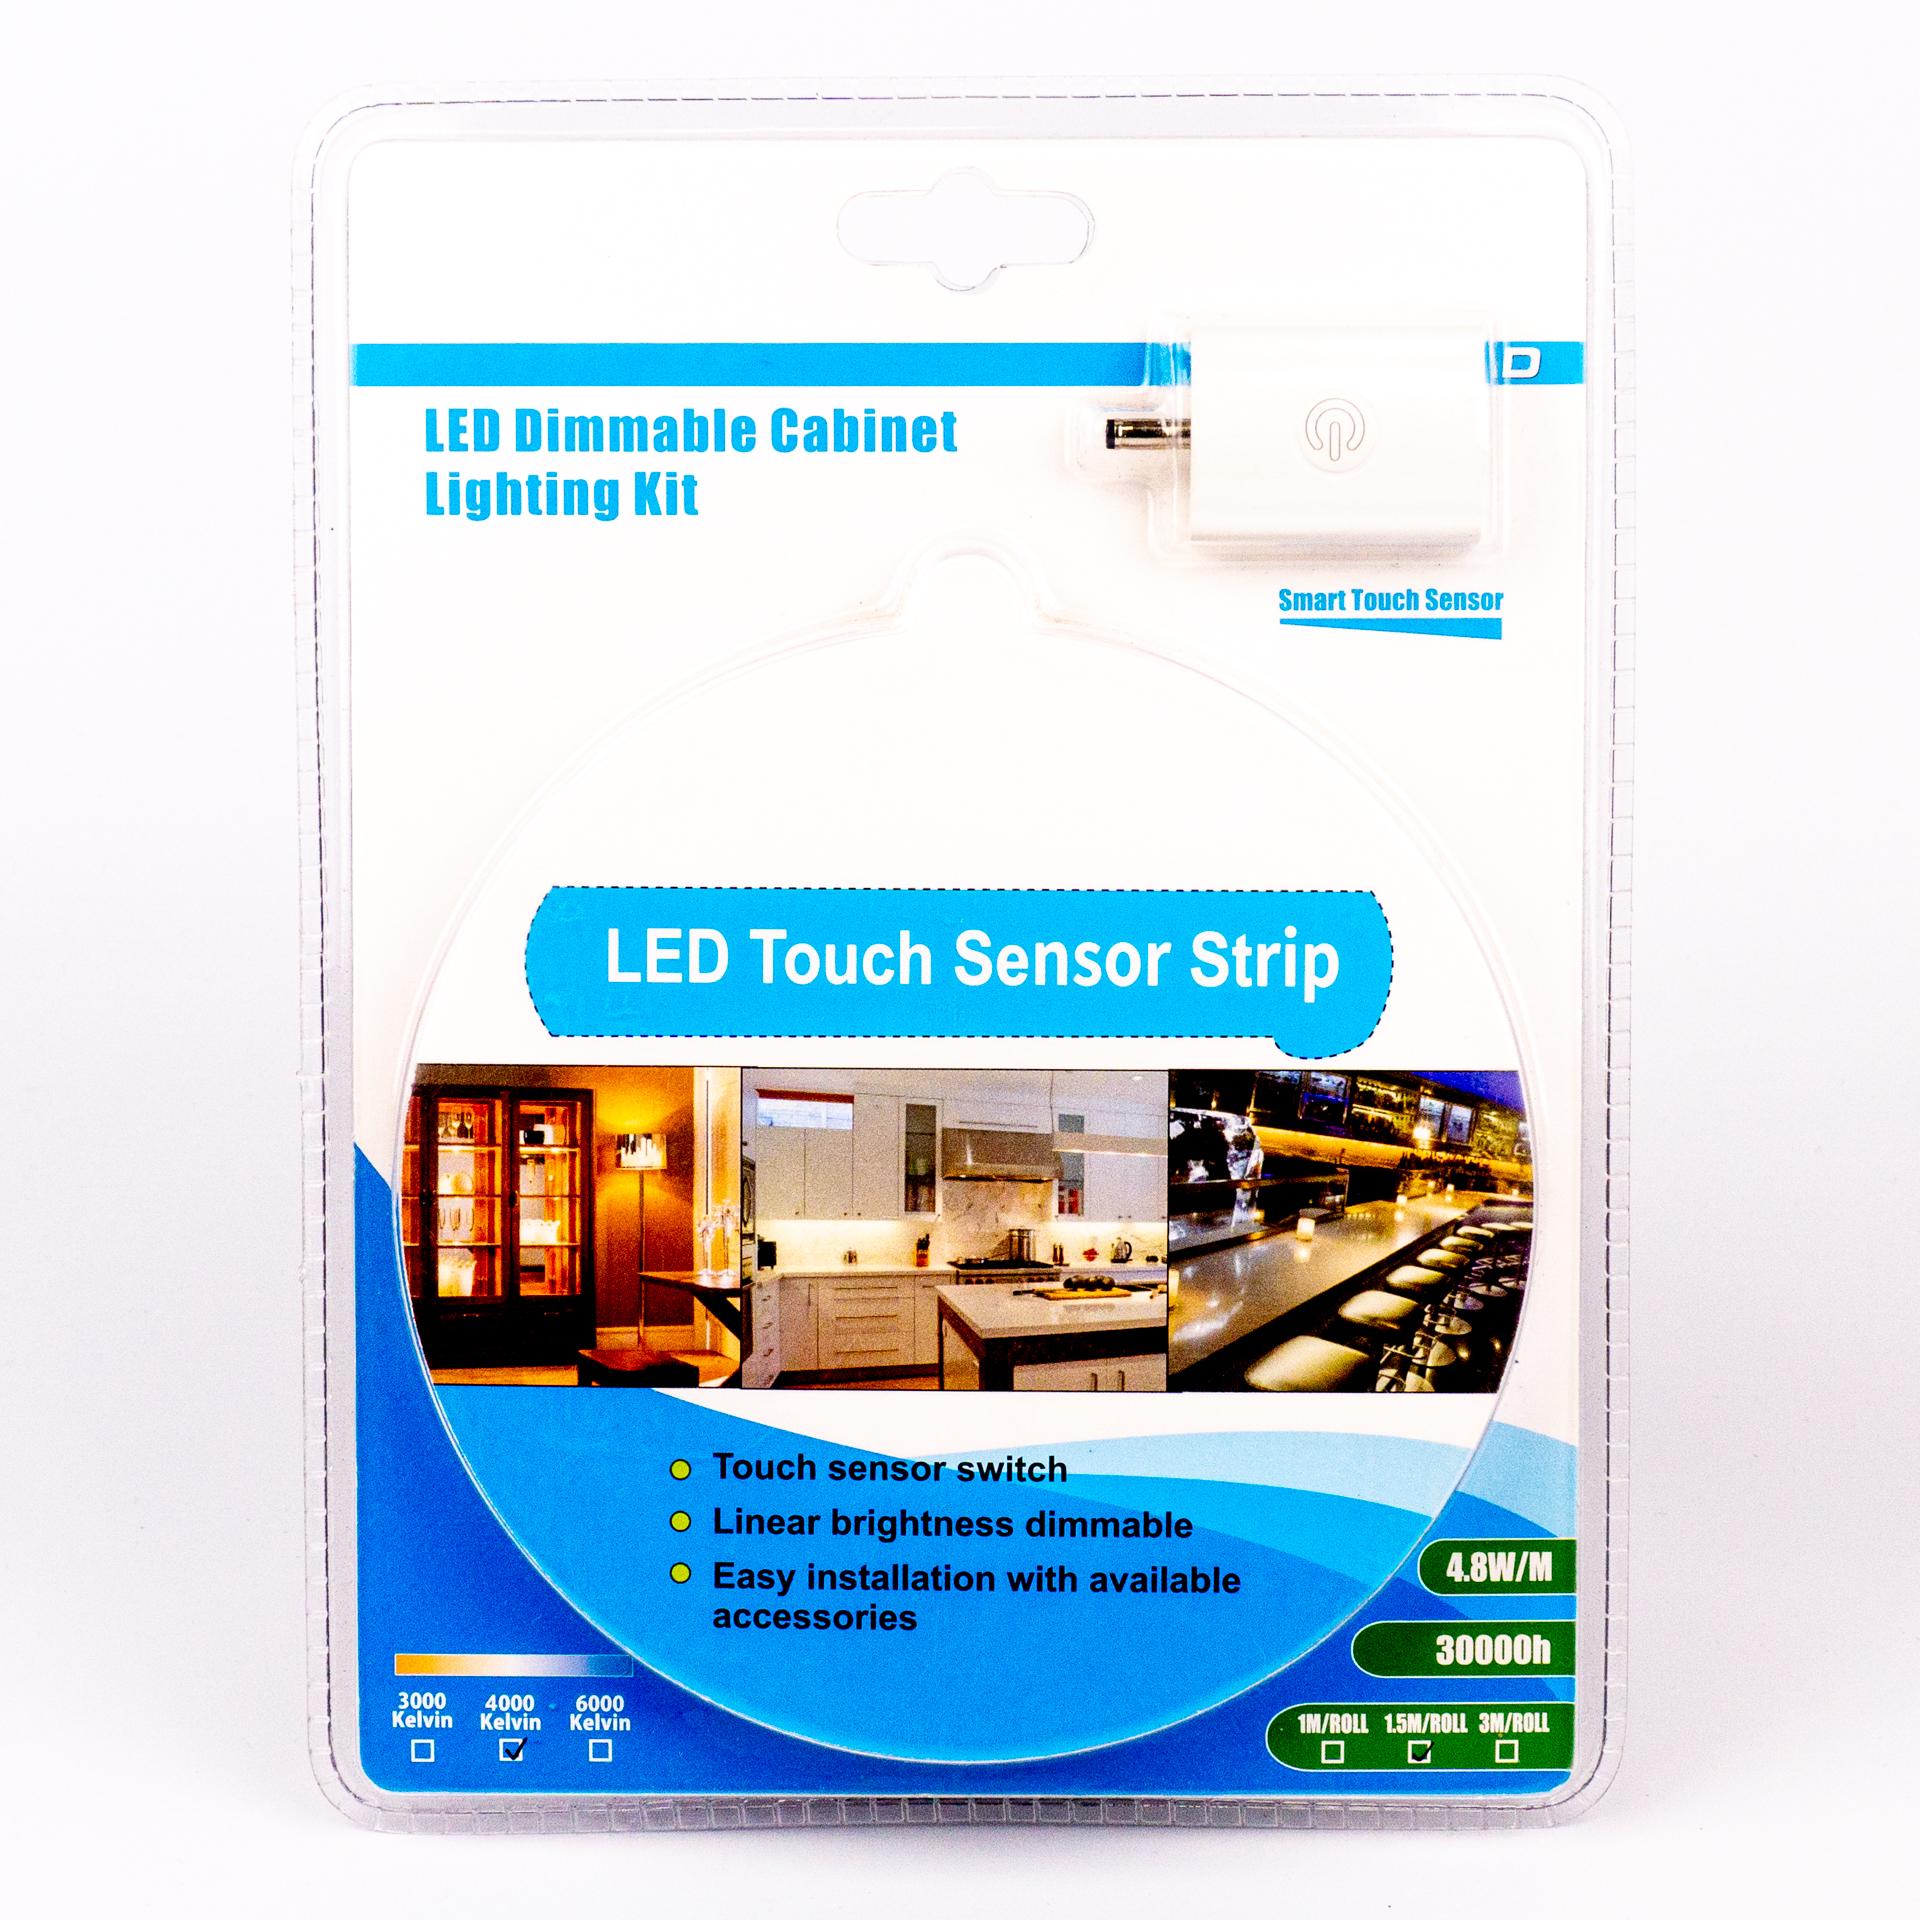 Komplett LED Szalag Szett Kültéri Természetes Fehér Érintős Vezérlővel 1,5 Méter Konyhapulthoz LSS-1T5